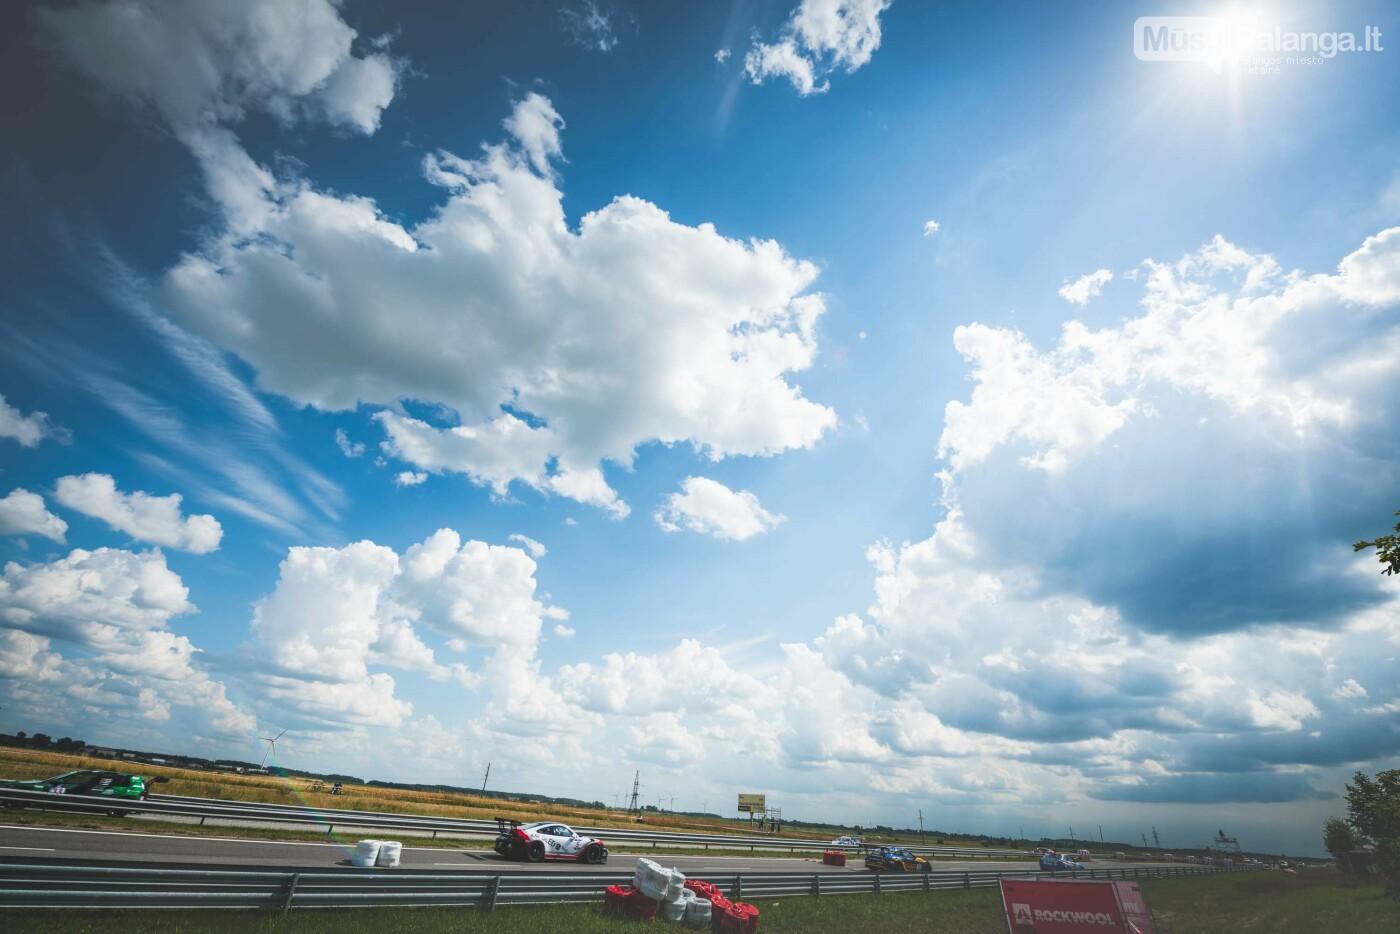 """Pirmoji """"Aurum 1006 km lenktynių"""" repeticija, nuotrauka-19, Arno STRUMILOS nuotr."""